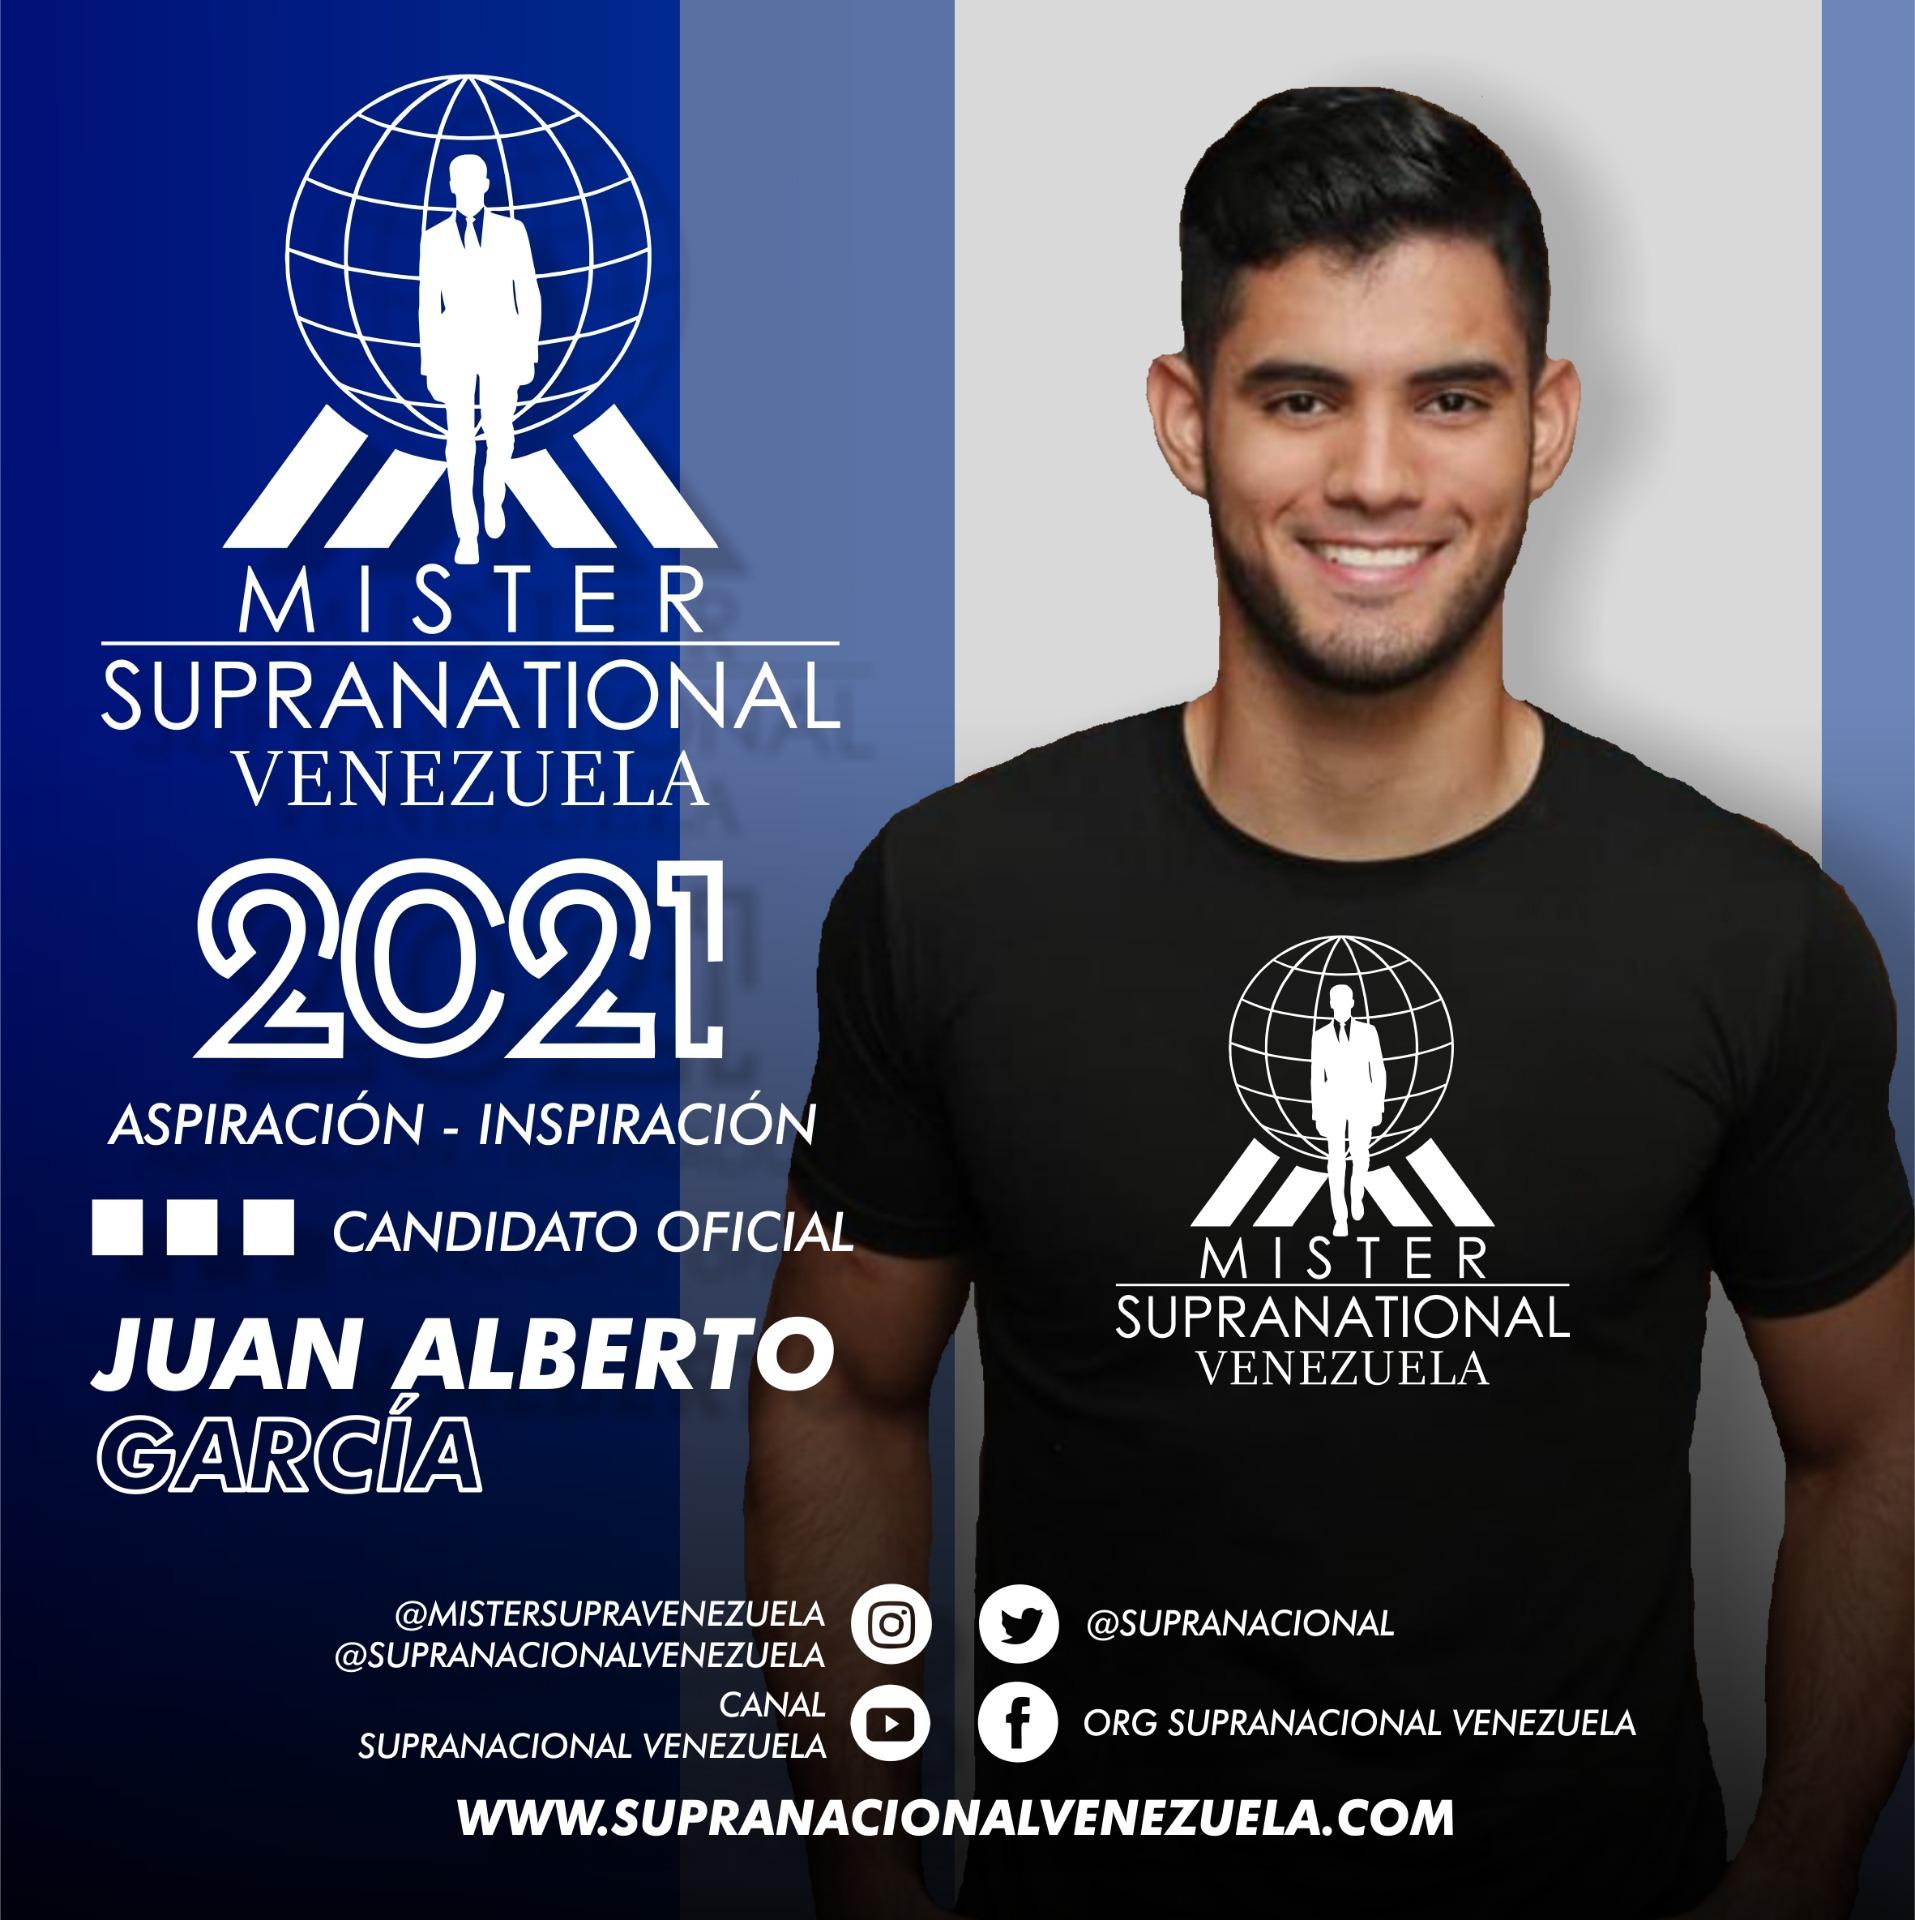 Juan Alberto García